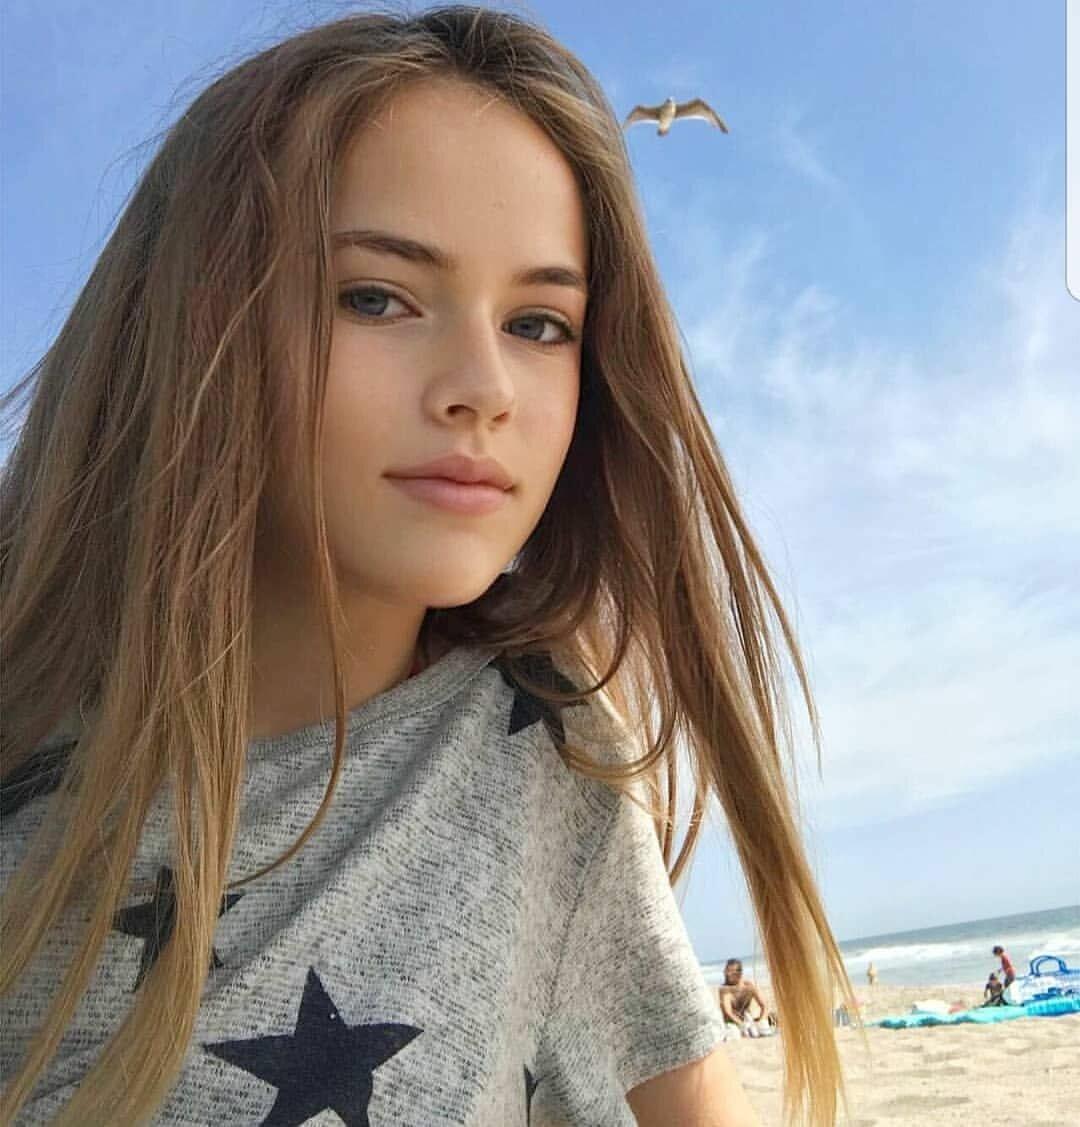 Днем, самые прикольные картинки для девочек 14 лет